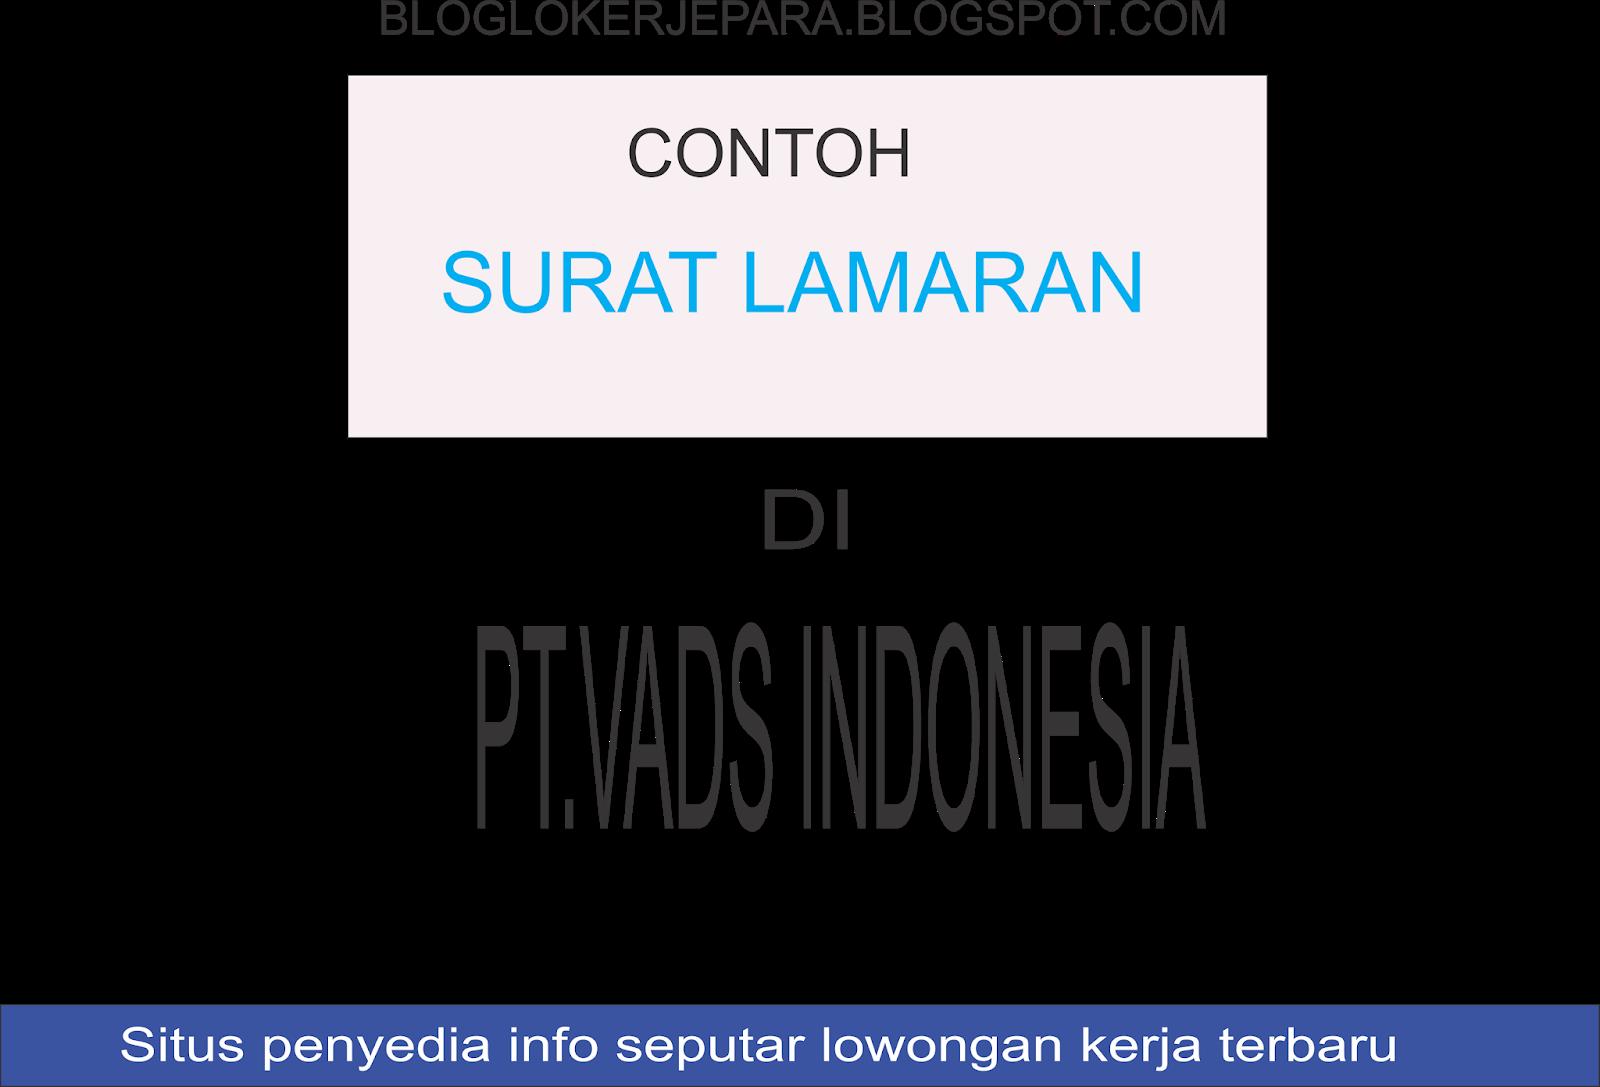 Contoh Surat Lamaran Kerja Baik Dan Benar Di Pt Vads Indonesia Blog Loker Terbaru